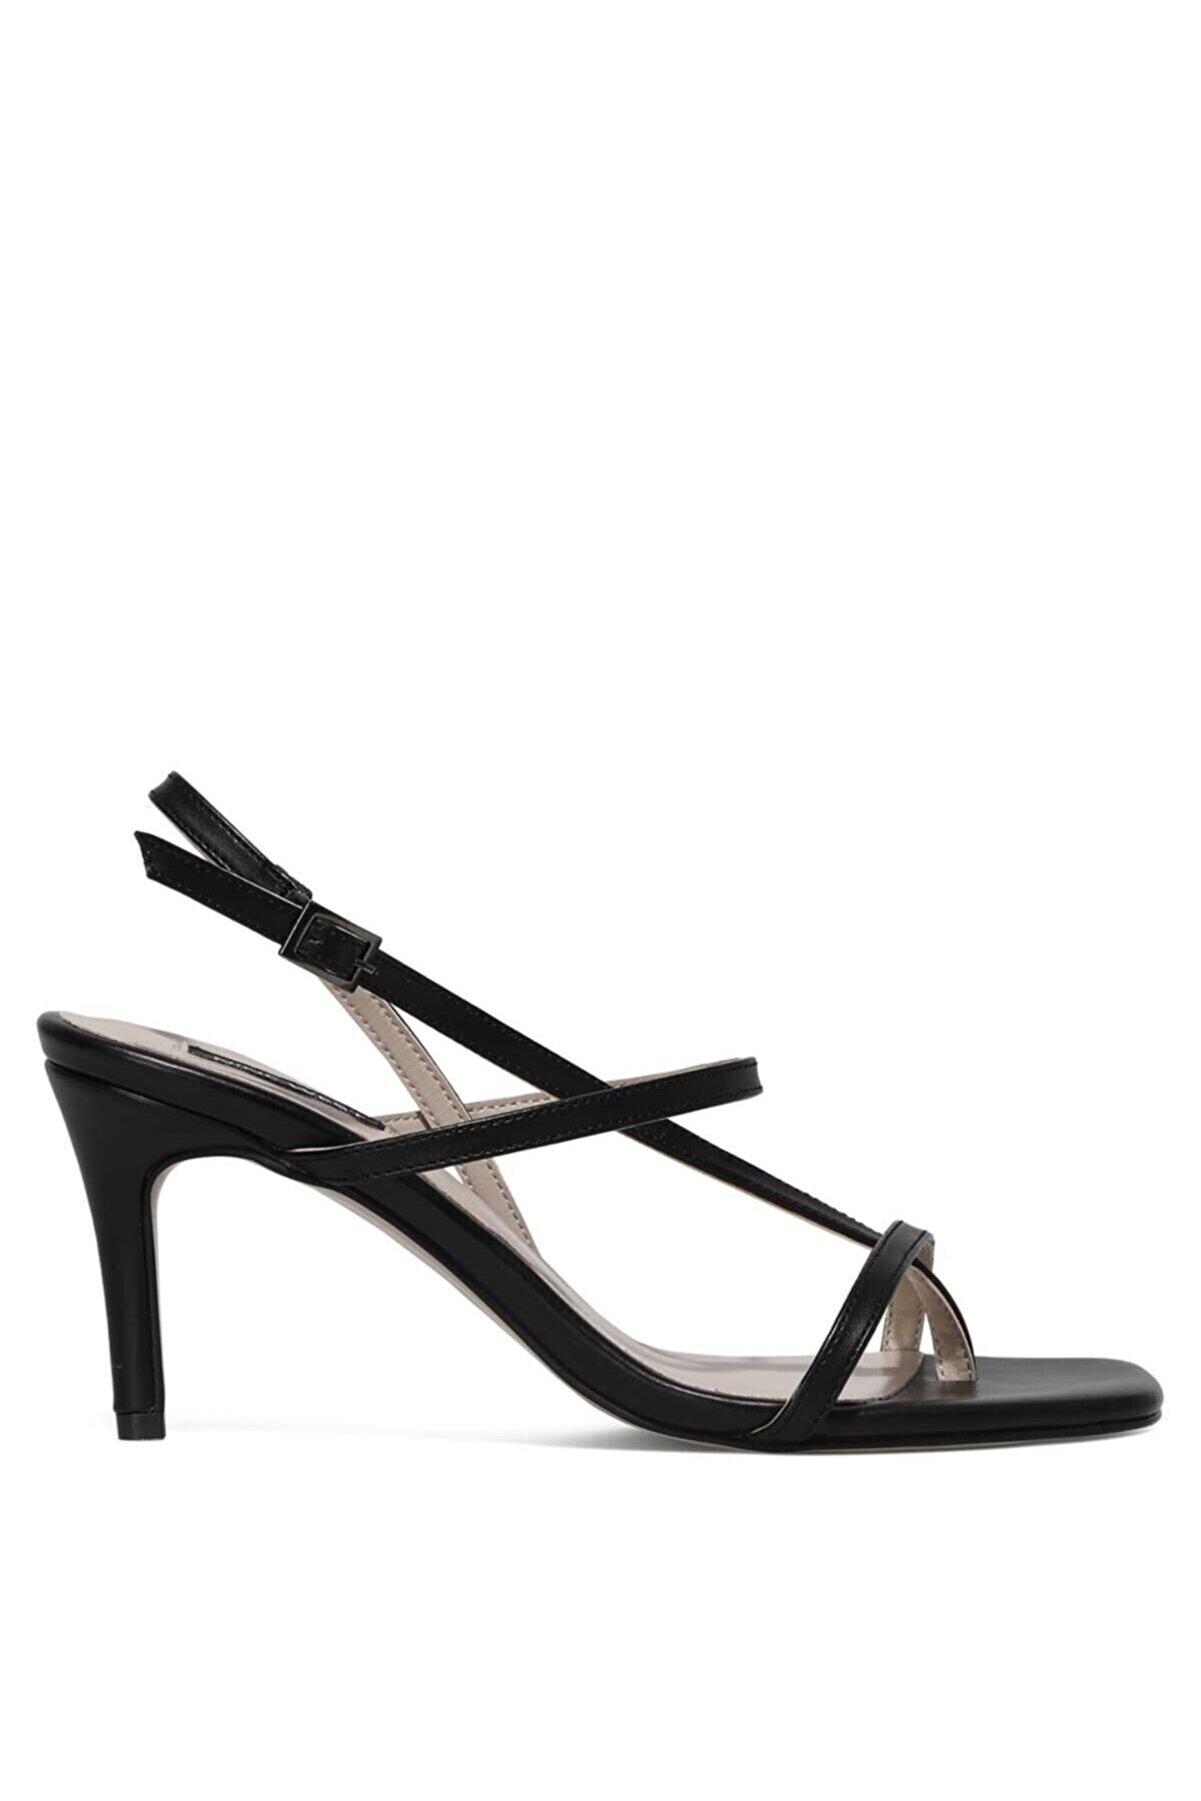 Nine West Hea 1fx Siyah Kadın Topuklu Ayakkabı